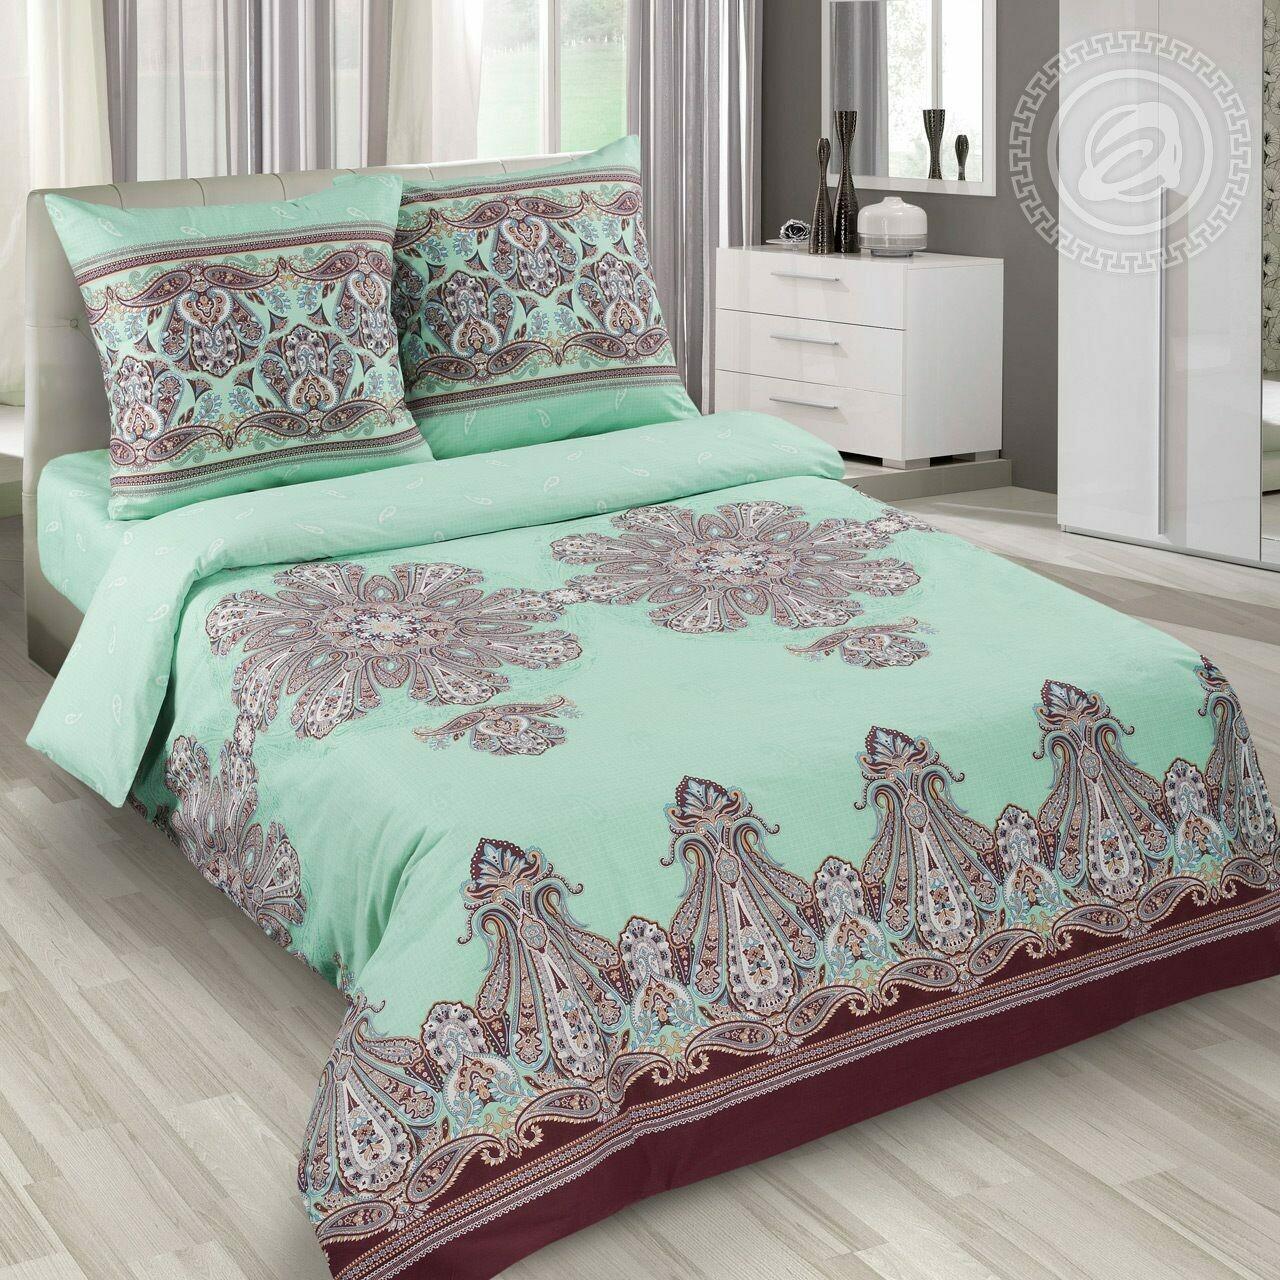 Турецкие мотивы - DE LUXE  (Комплекты постельного белья)